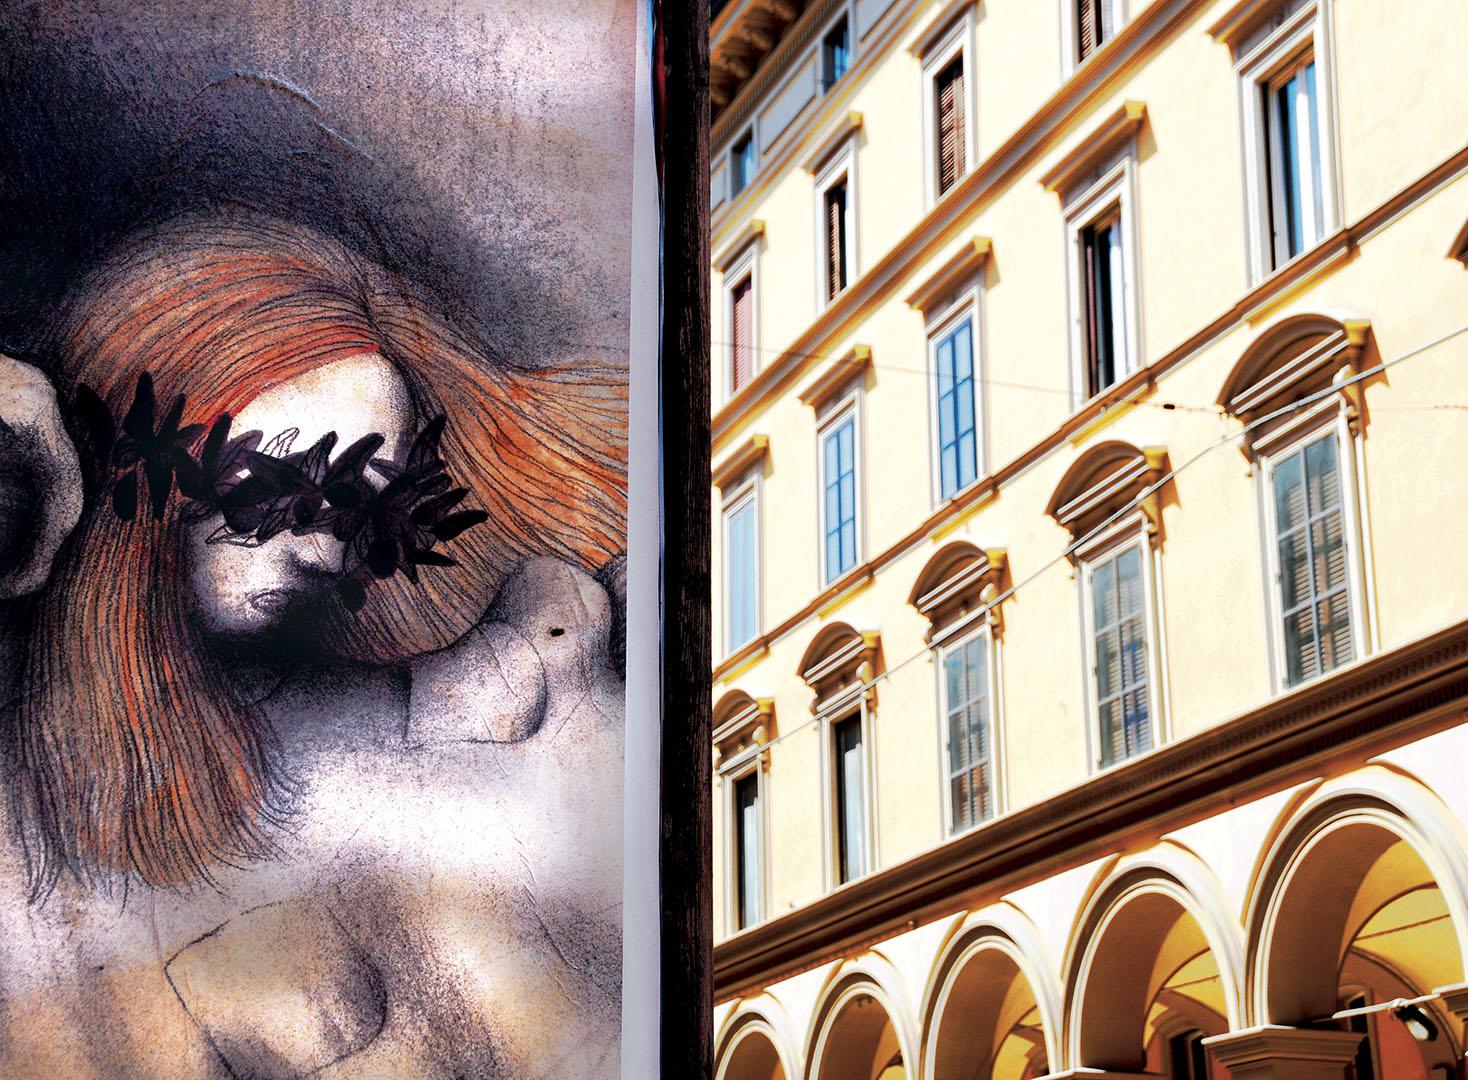 Bologna_011_I19.4.56